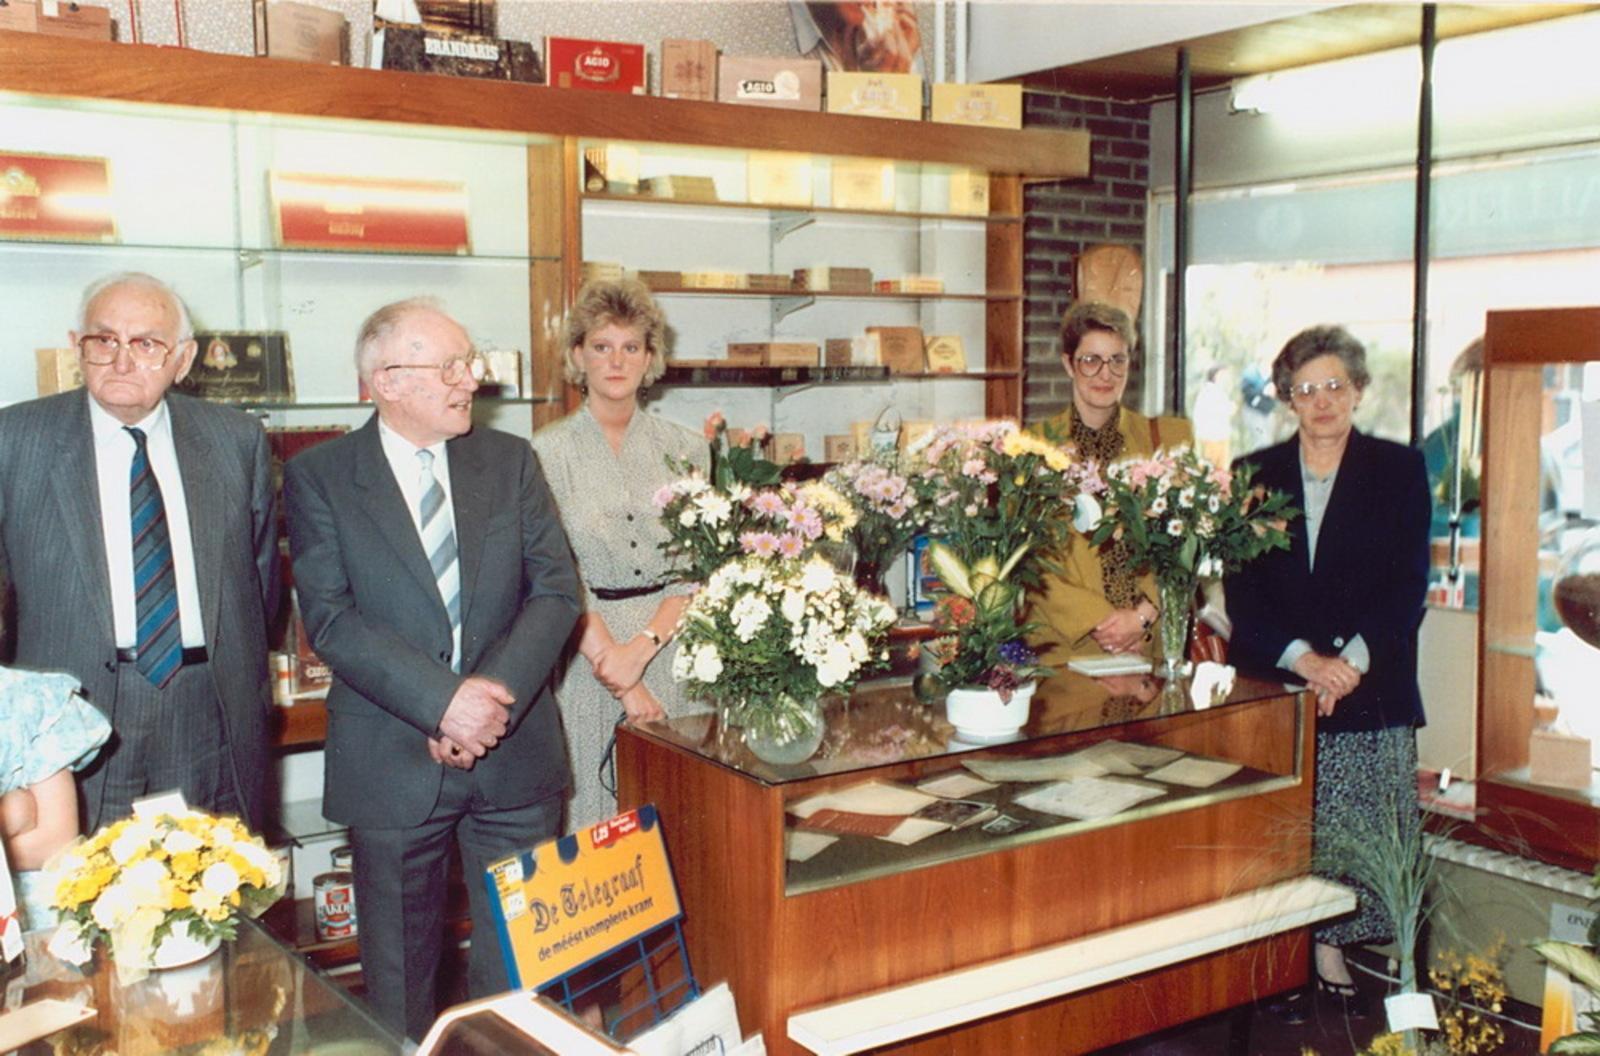 Marktlaan O 0022 1988 Sigarenboer Kraak 50jr Jub en Sluiting 21